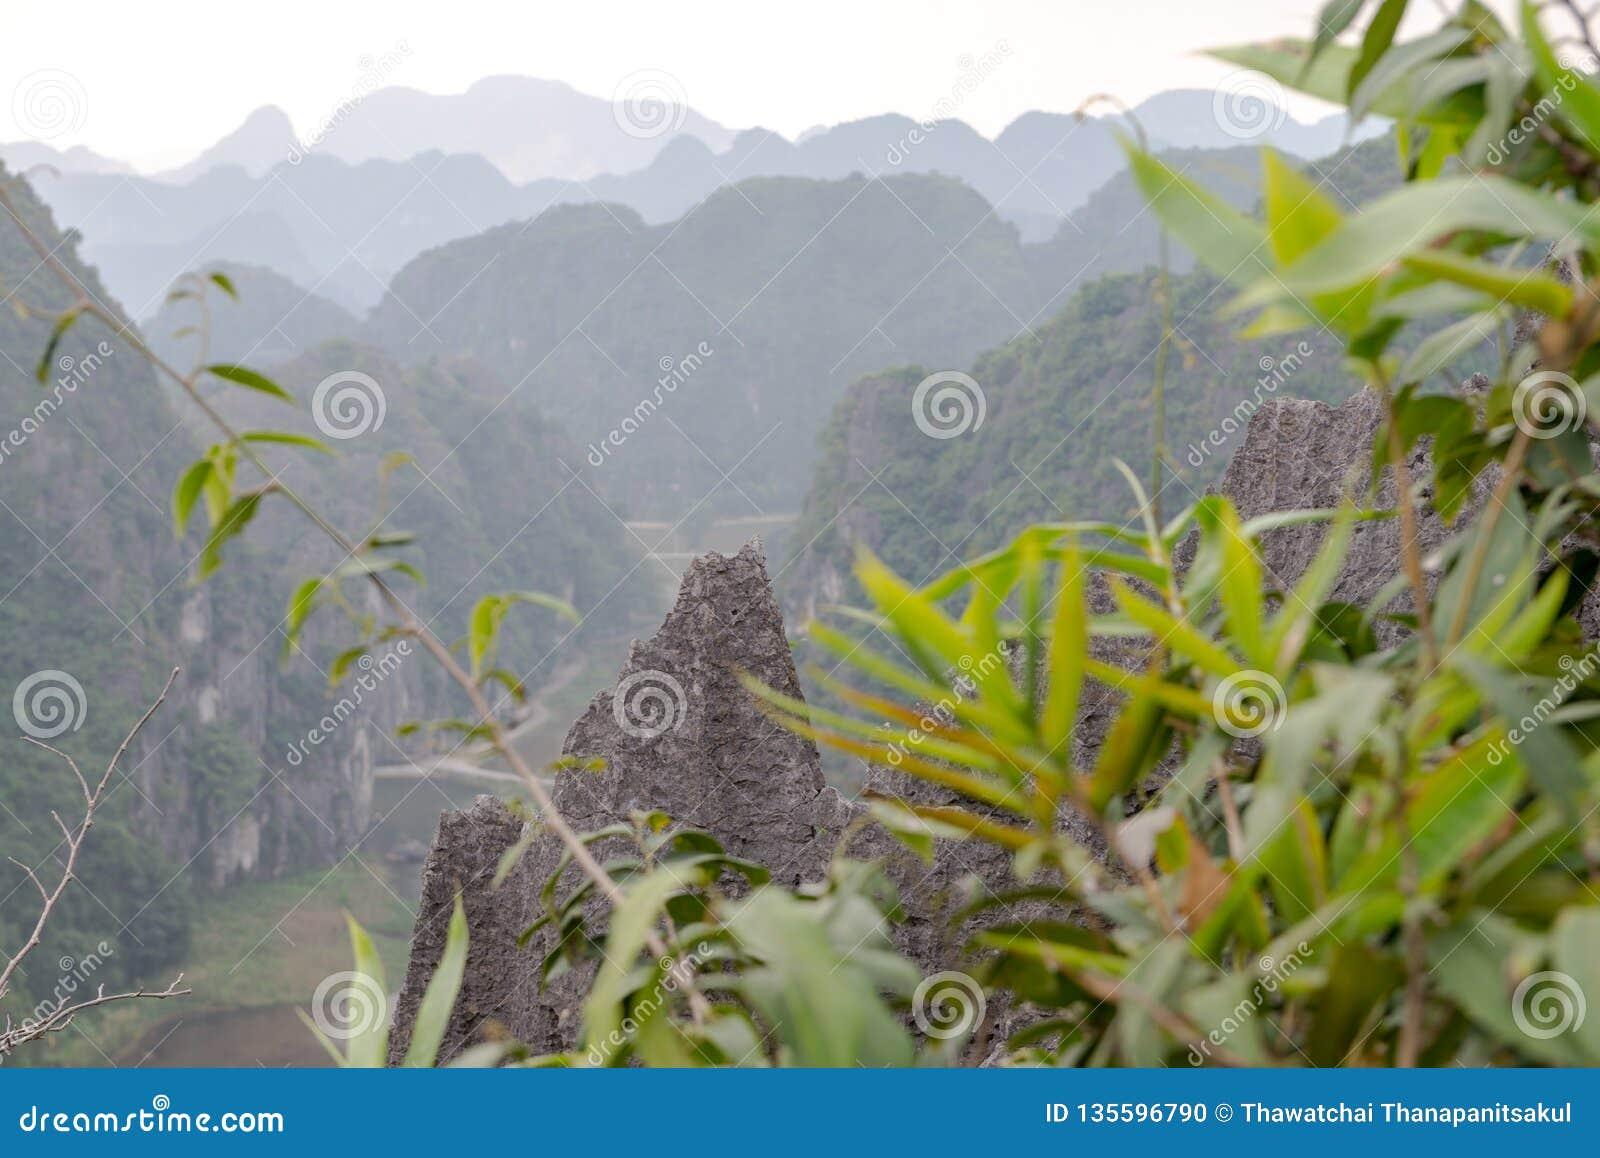 Província de Hang Mua Temple Ninh Binh, Ha Noi Vietnam Dec 2018